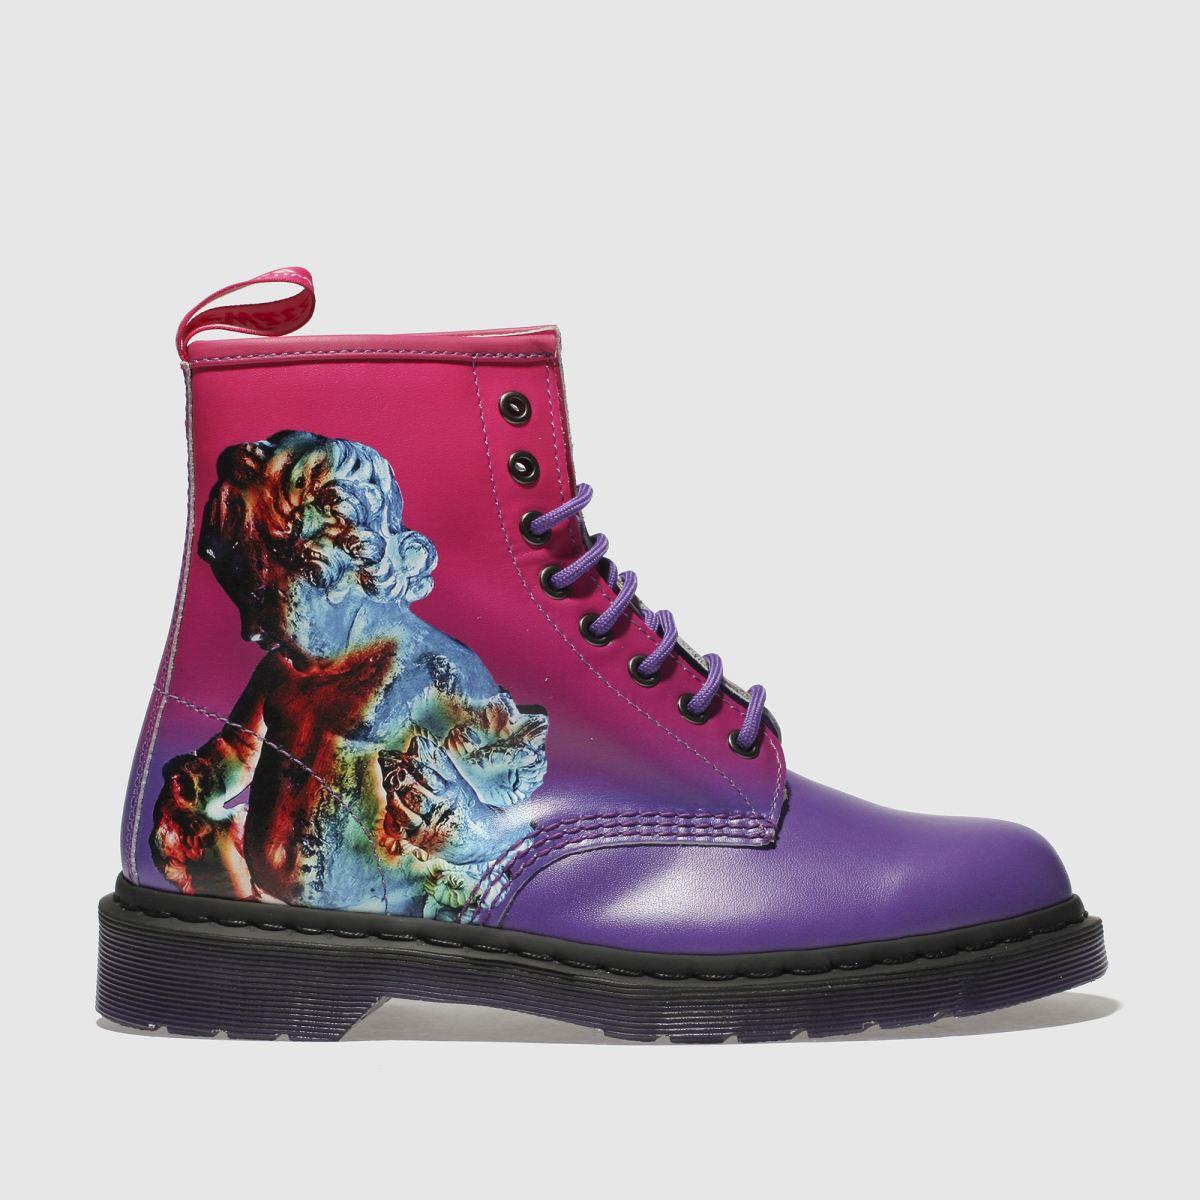 Dr Martens Pink & Purple 1460 Technique 8 Eye Boots